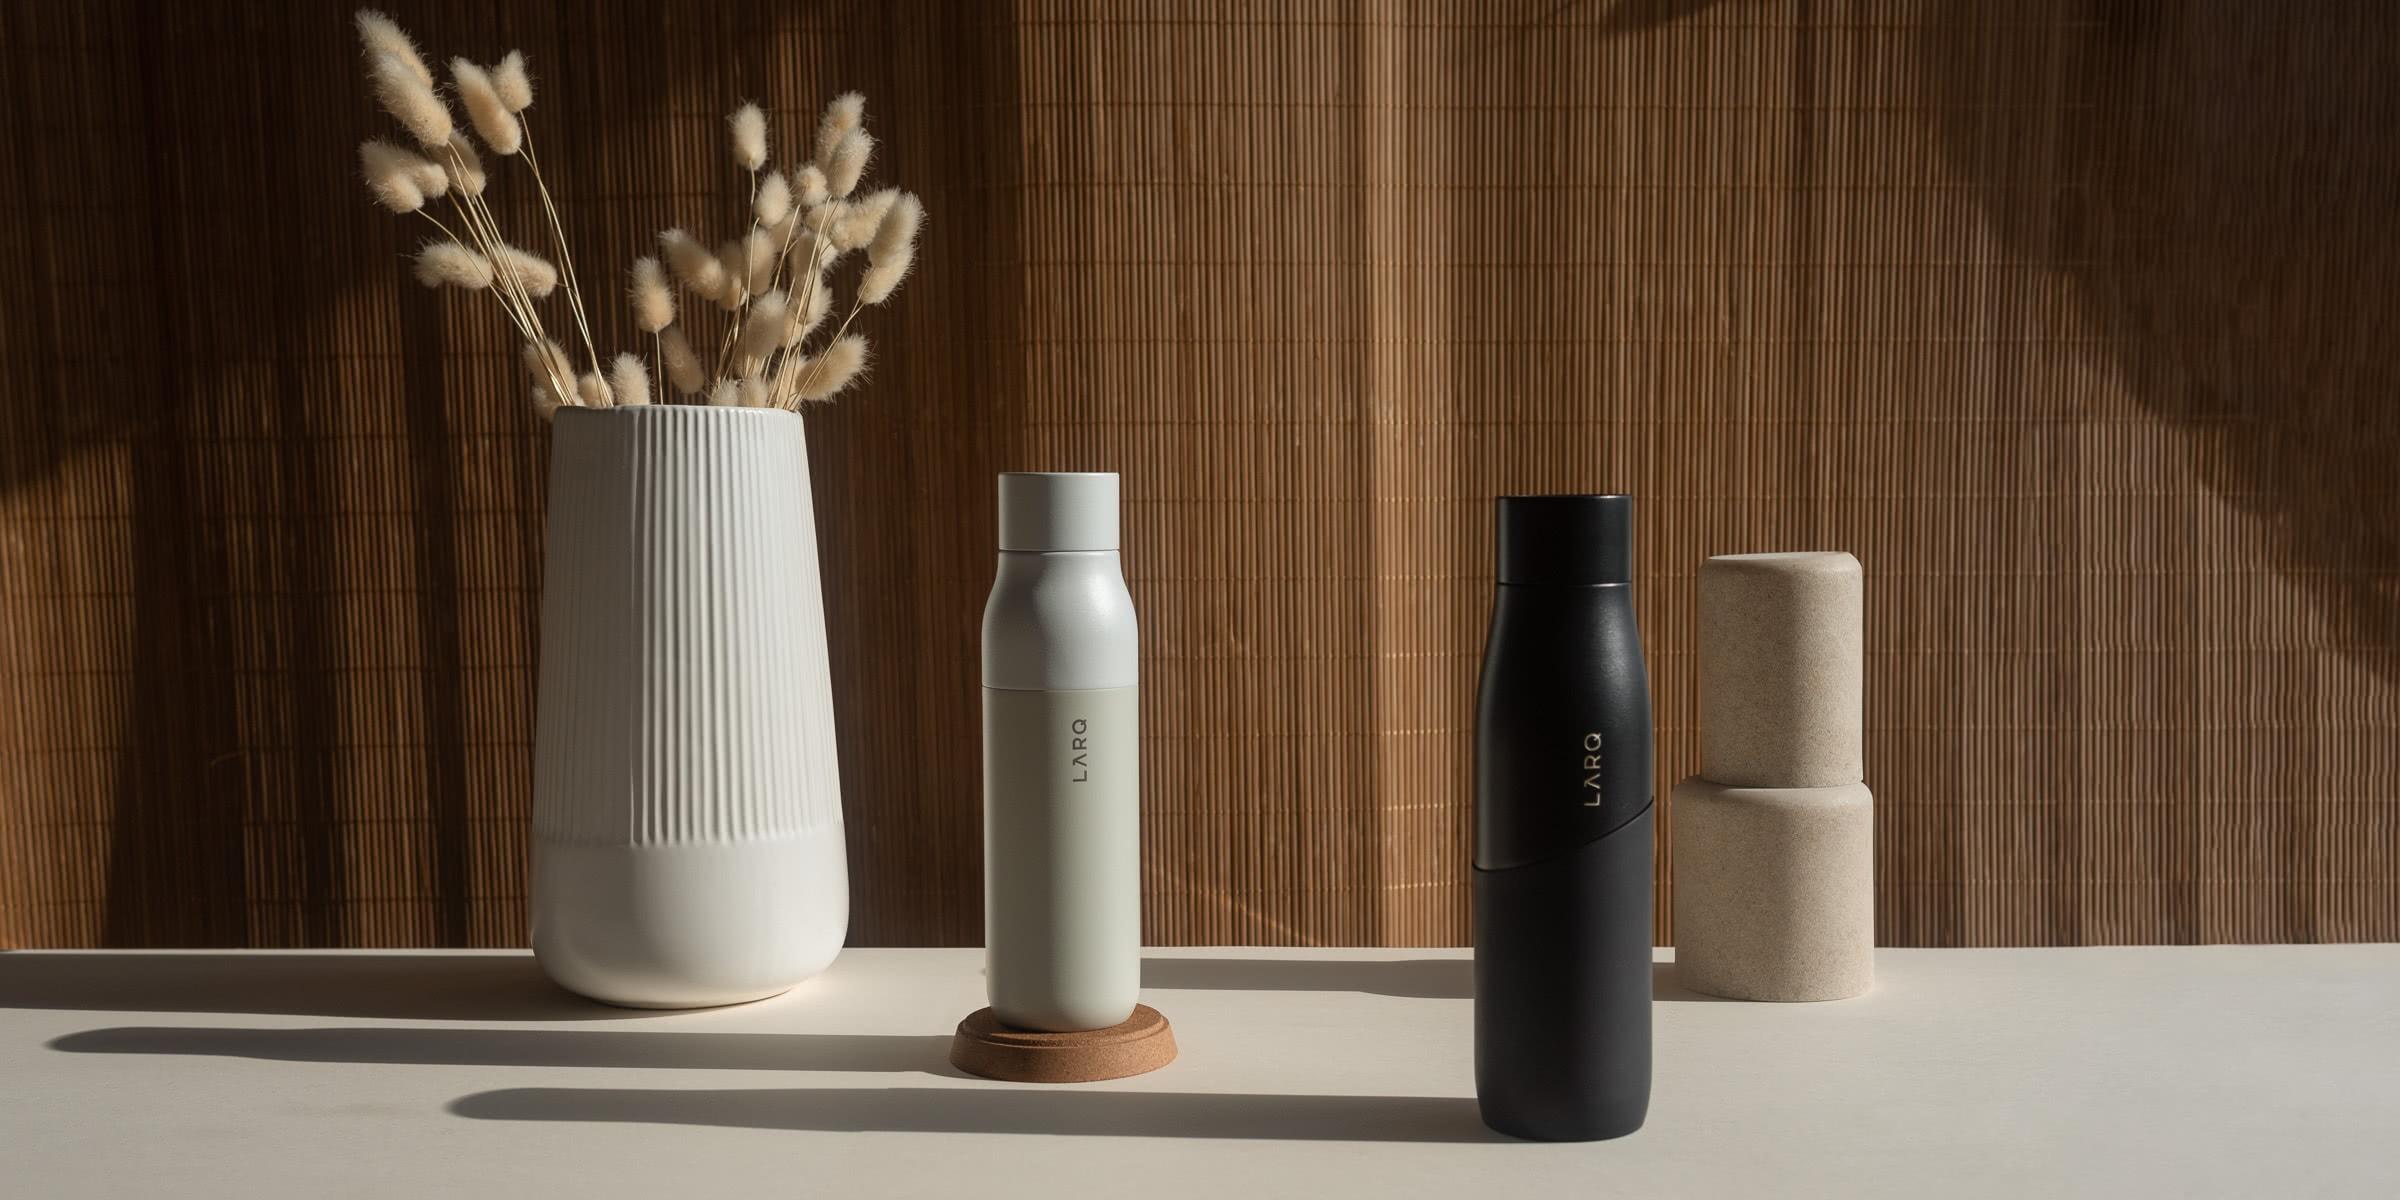 LARQ water bottle review - Luxe Digital